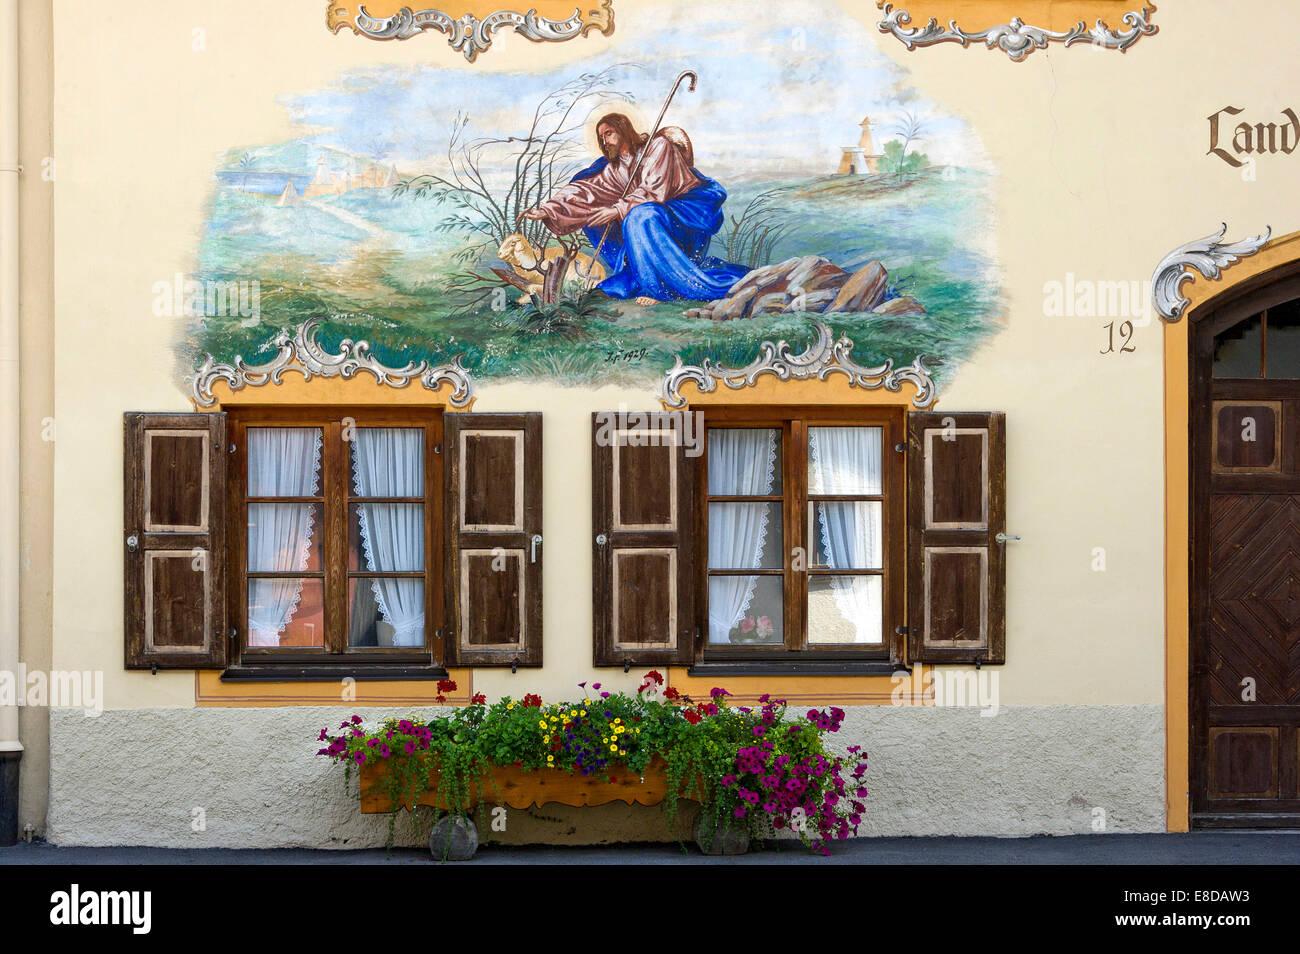 Lüftlmalerei, Szene mit Hirten, Gleichnis vom verlorenen Schaf, Landhaus Schandl, Mittenwald, Werdenfelser Stockbild